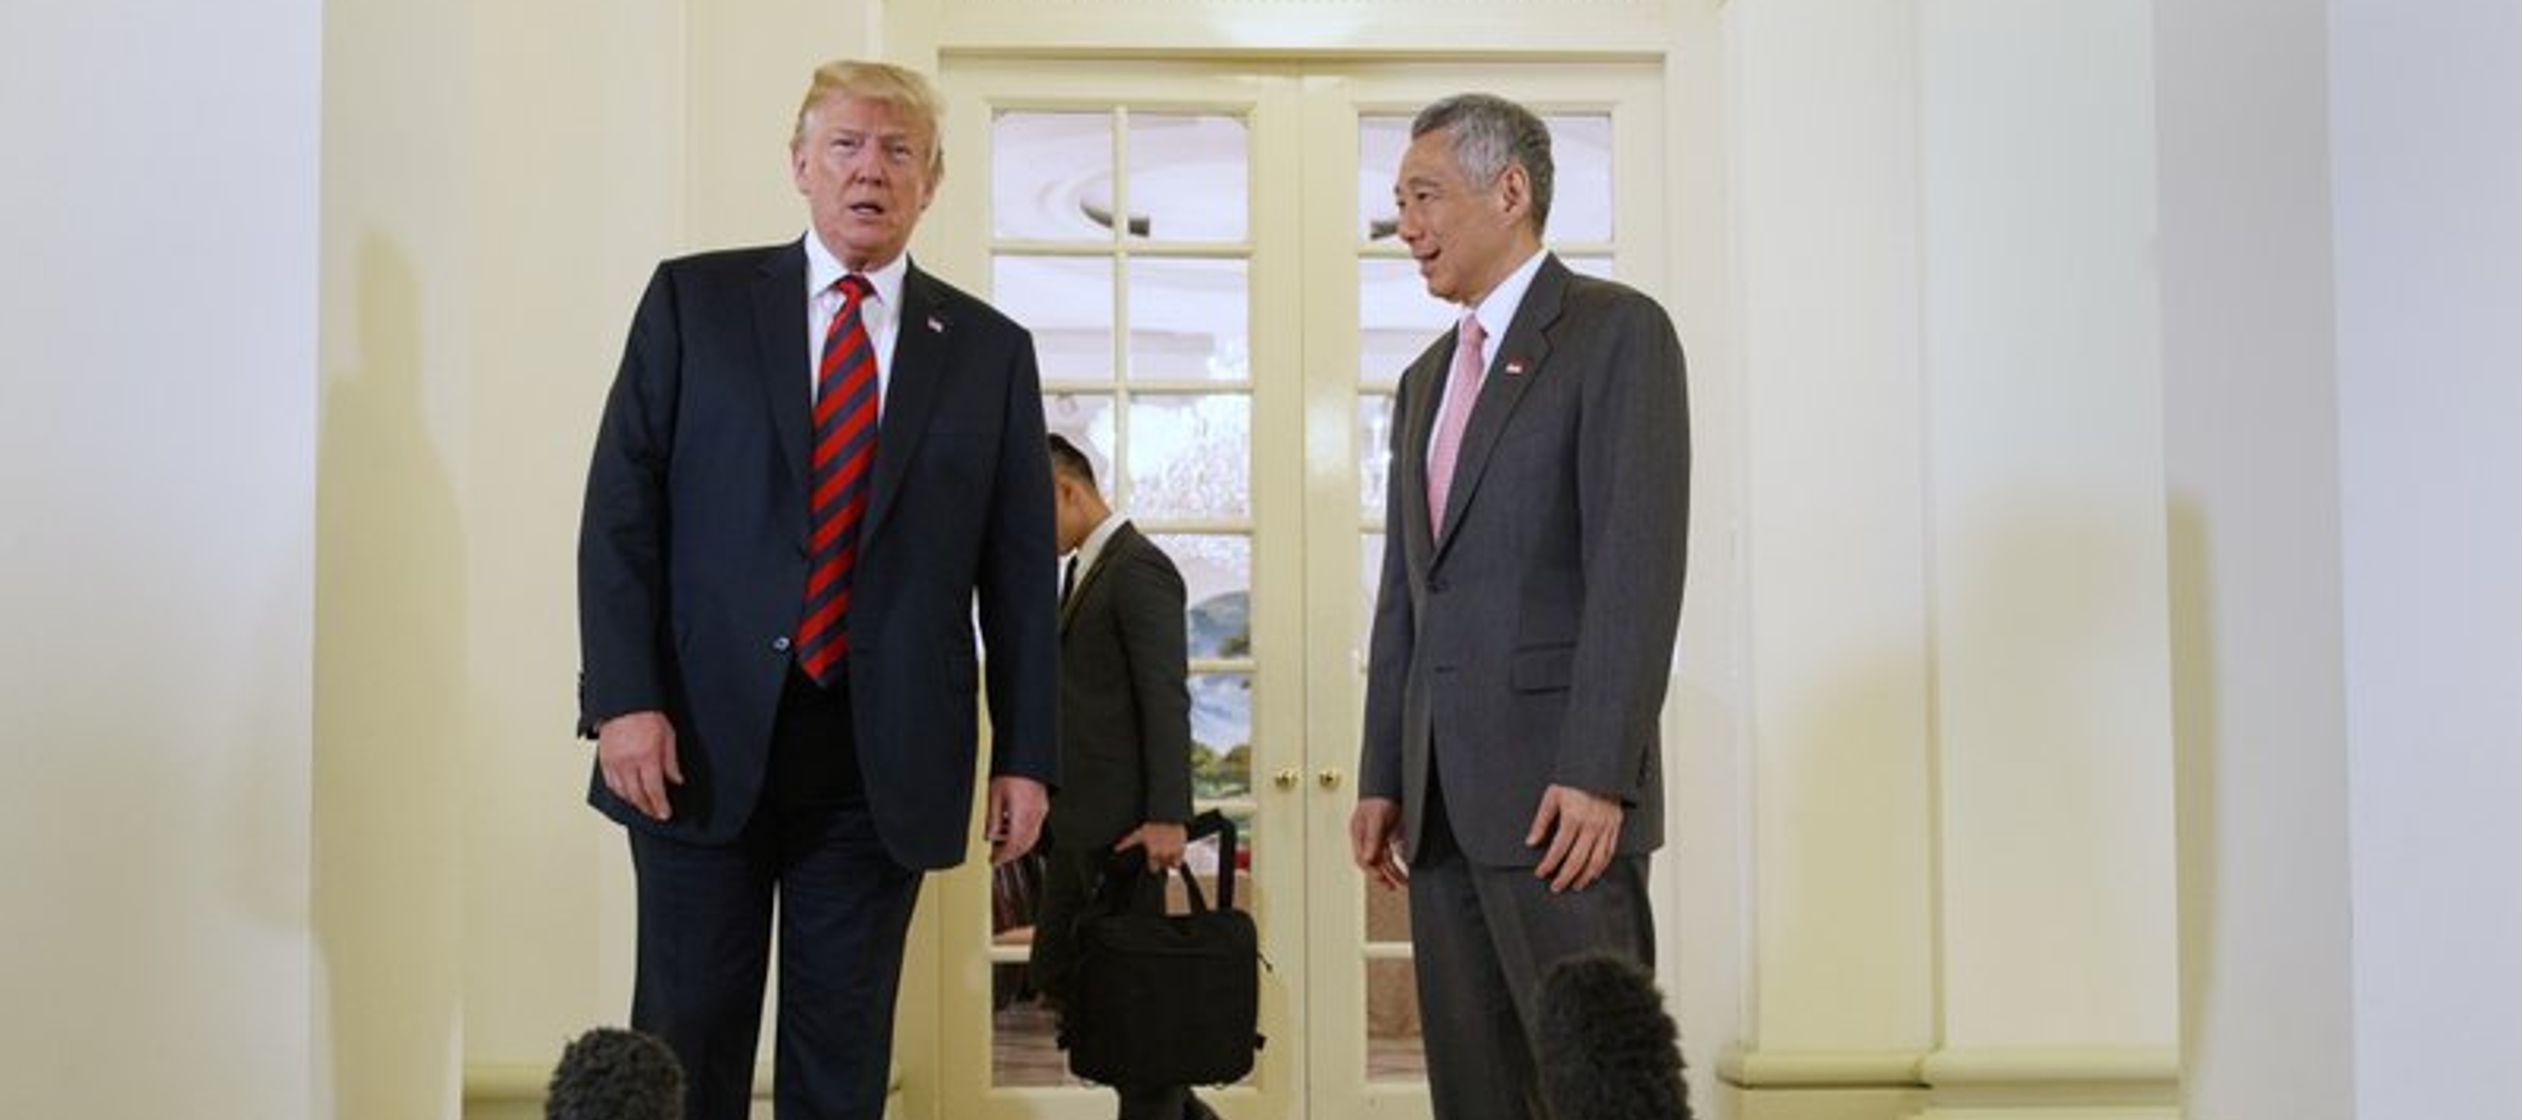 Pero en la víspera de la reunión, la Casa Blanca anunció que Trump se...